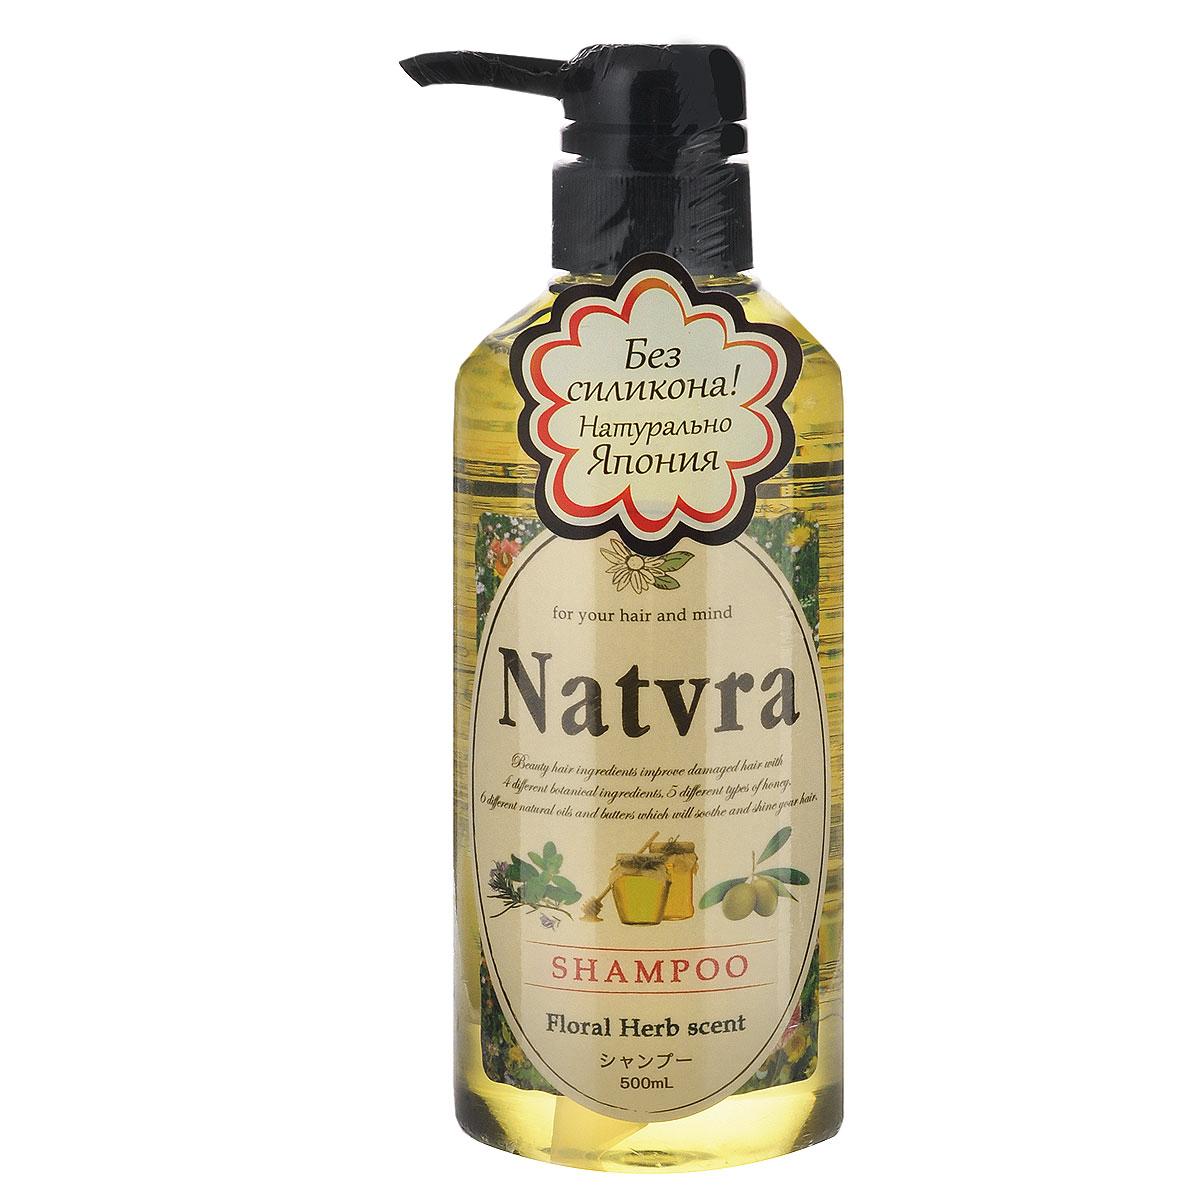 """Japan Gateway Шампунь для волос Natvra, без силикона, 500 мл32657Шампунь для волос """"Natvra"""" -сила природы для красоты волос.Восстановление волос. Растительные компоненты (кленовый сок, луговое масло, экстракт кофе, соевый белок) для красоты волос. Гладкость и блеск. Натуральные масла (оливы, арганы, манго, какао) для придания гладкости. Увлажнение. Медовые компоненты (растворенный медовый белок, воск, маточное молочко) для глубокого увлажнения. Шампунь не содержит силикона, искусственных ароматизаторов и красителей, продуктов нефтепереработки. Товар сертифицирован."""